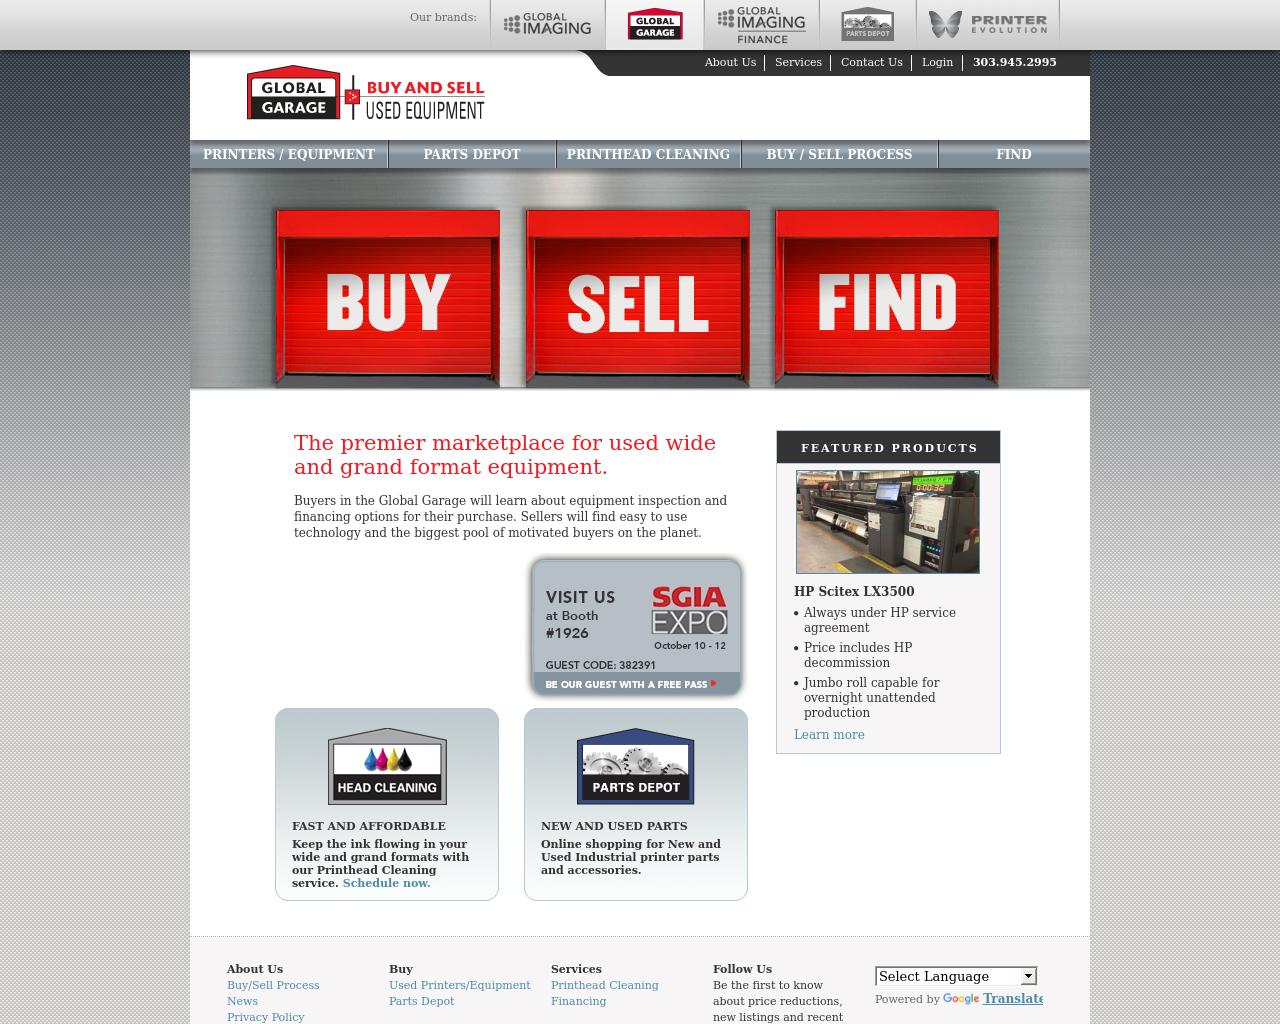 Global-Garage-Advertising-Reviews-Pricing